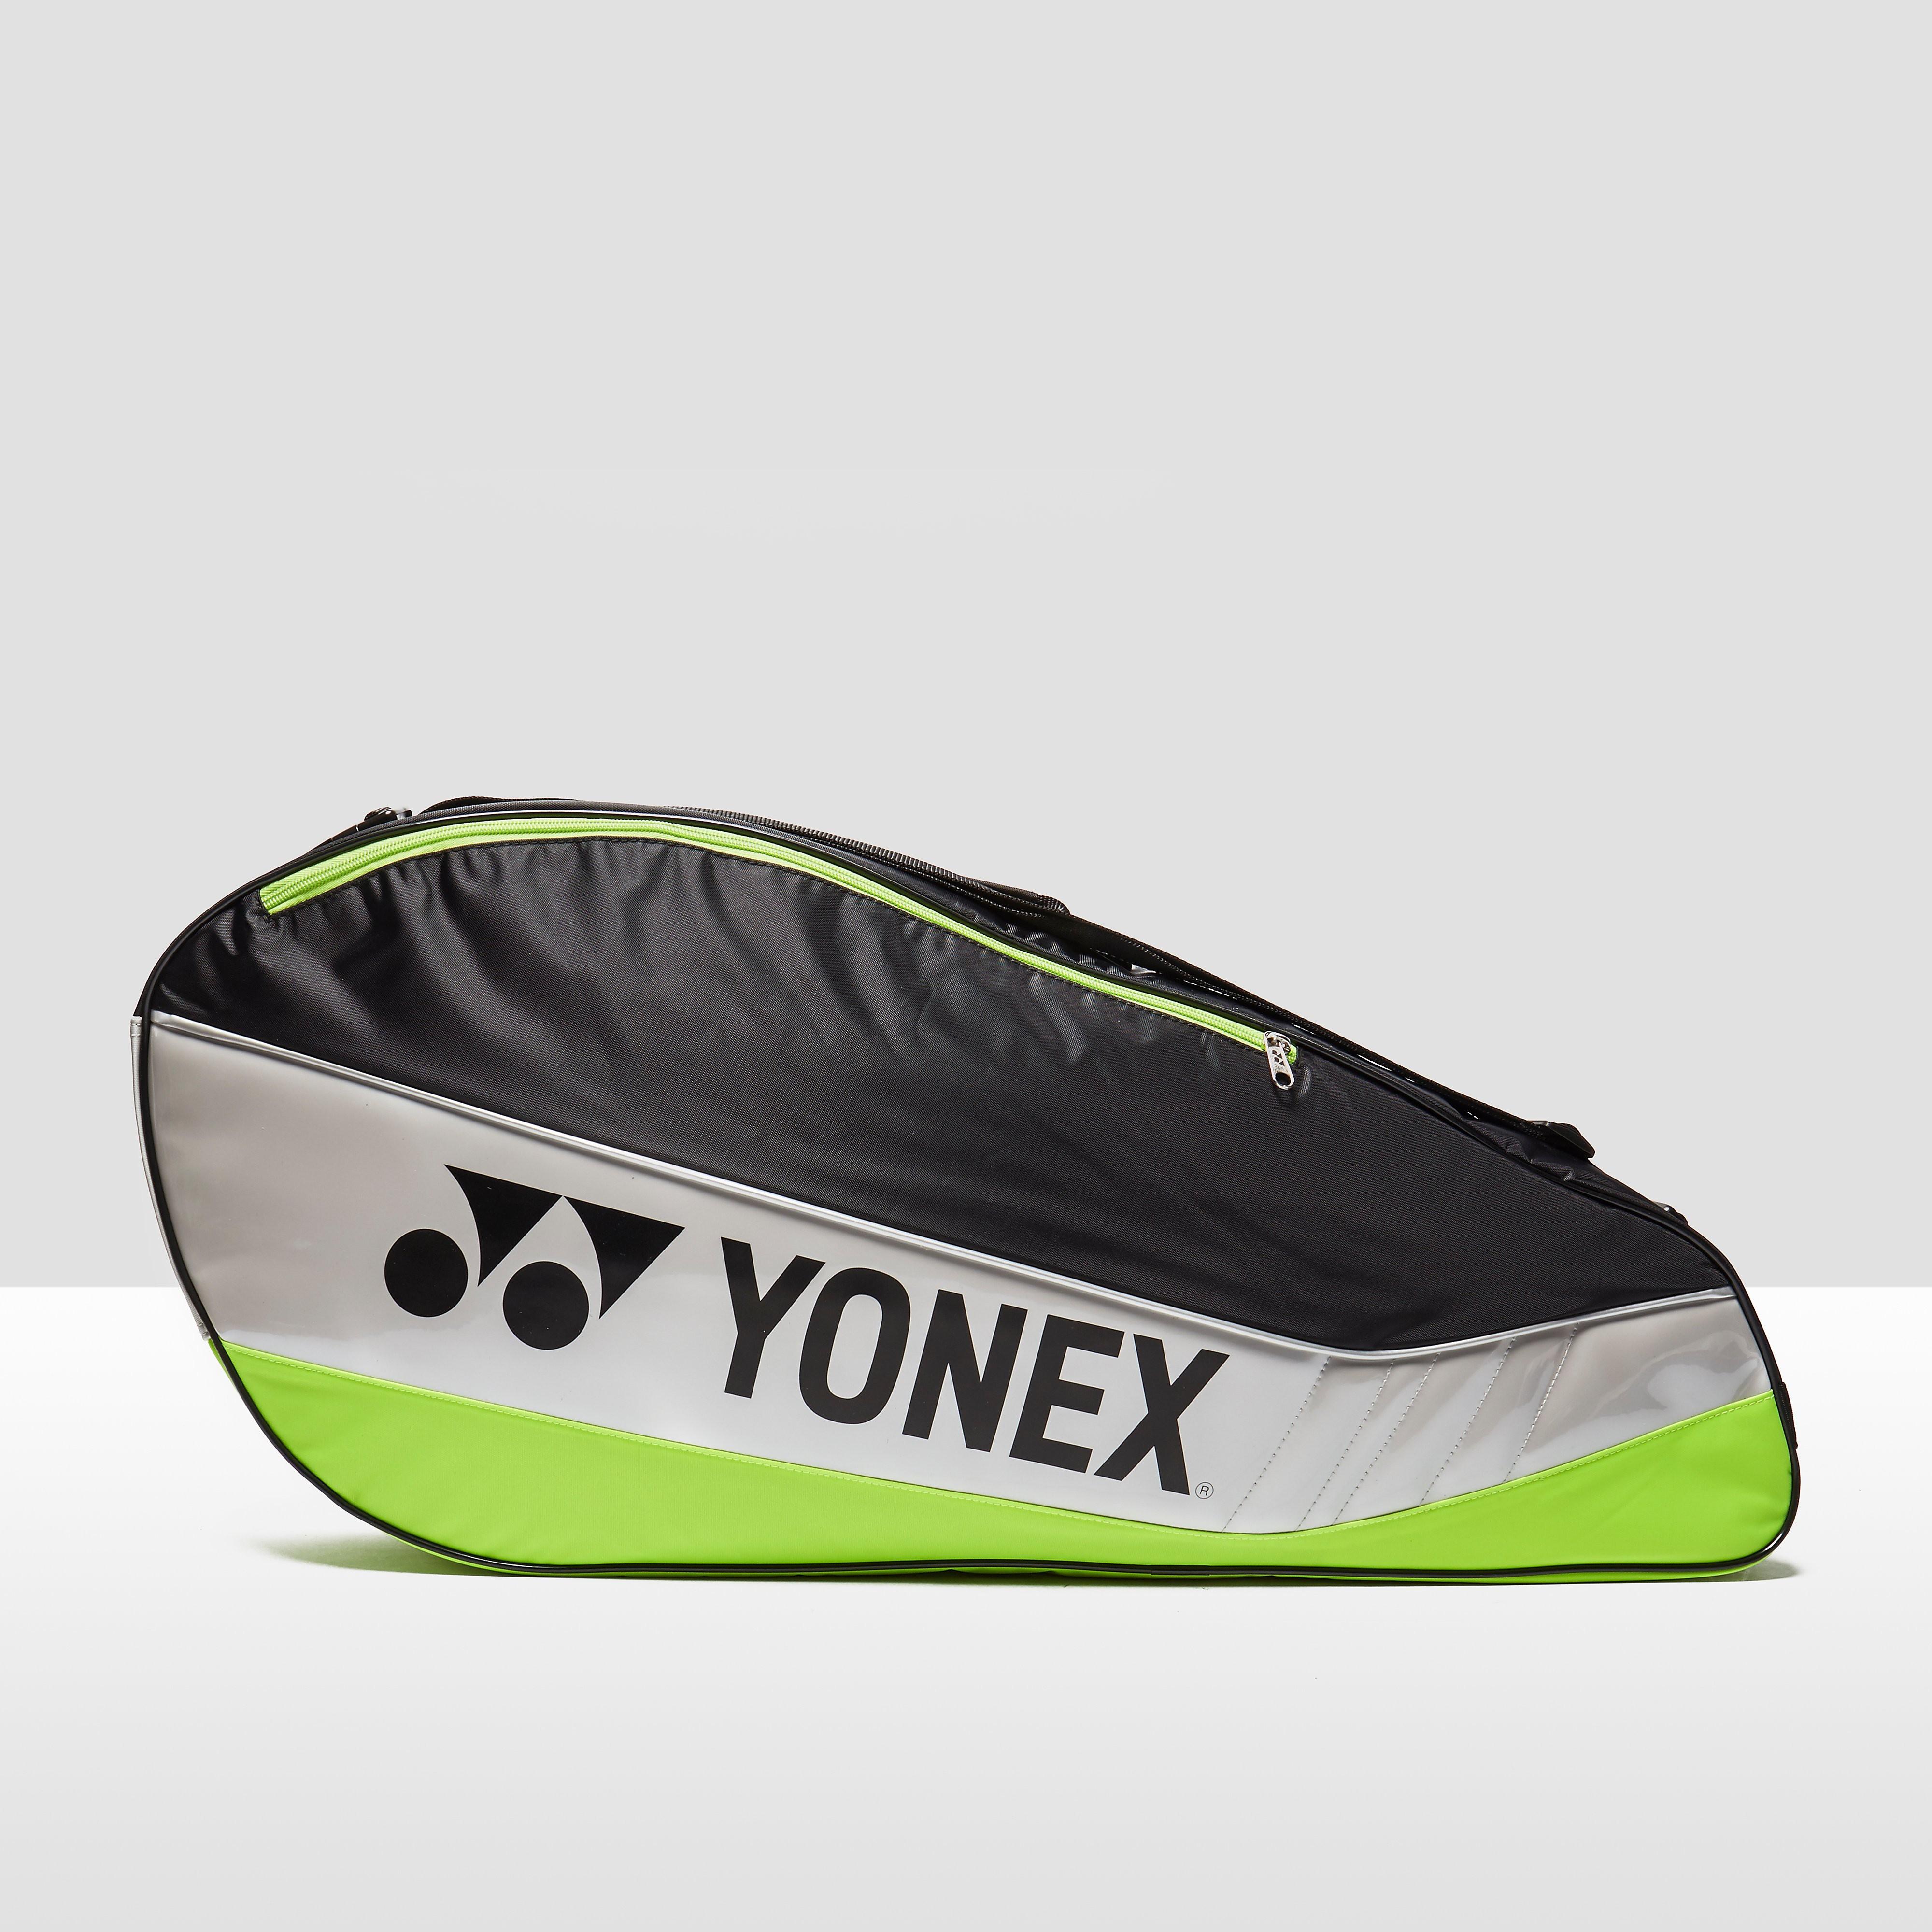 Yonex 5523 Club 3 Racket Bag